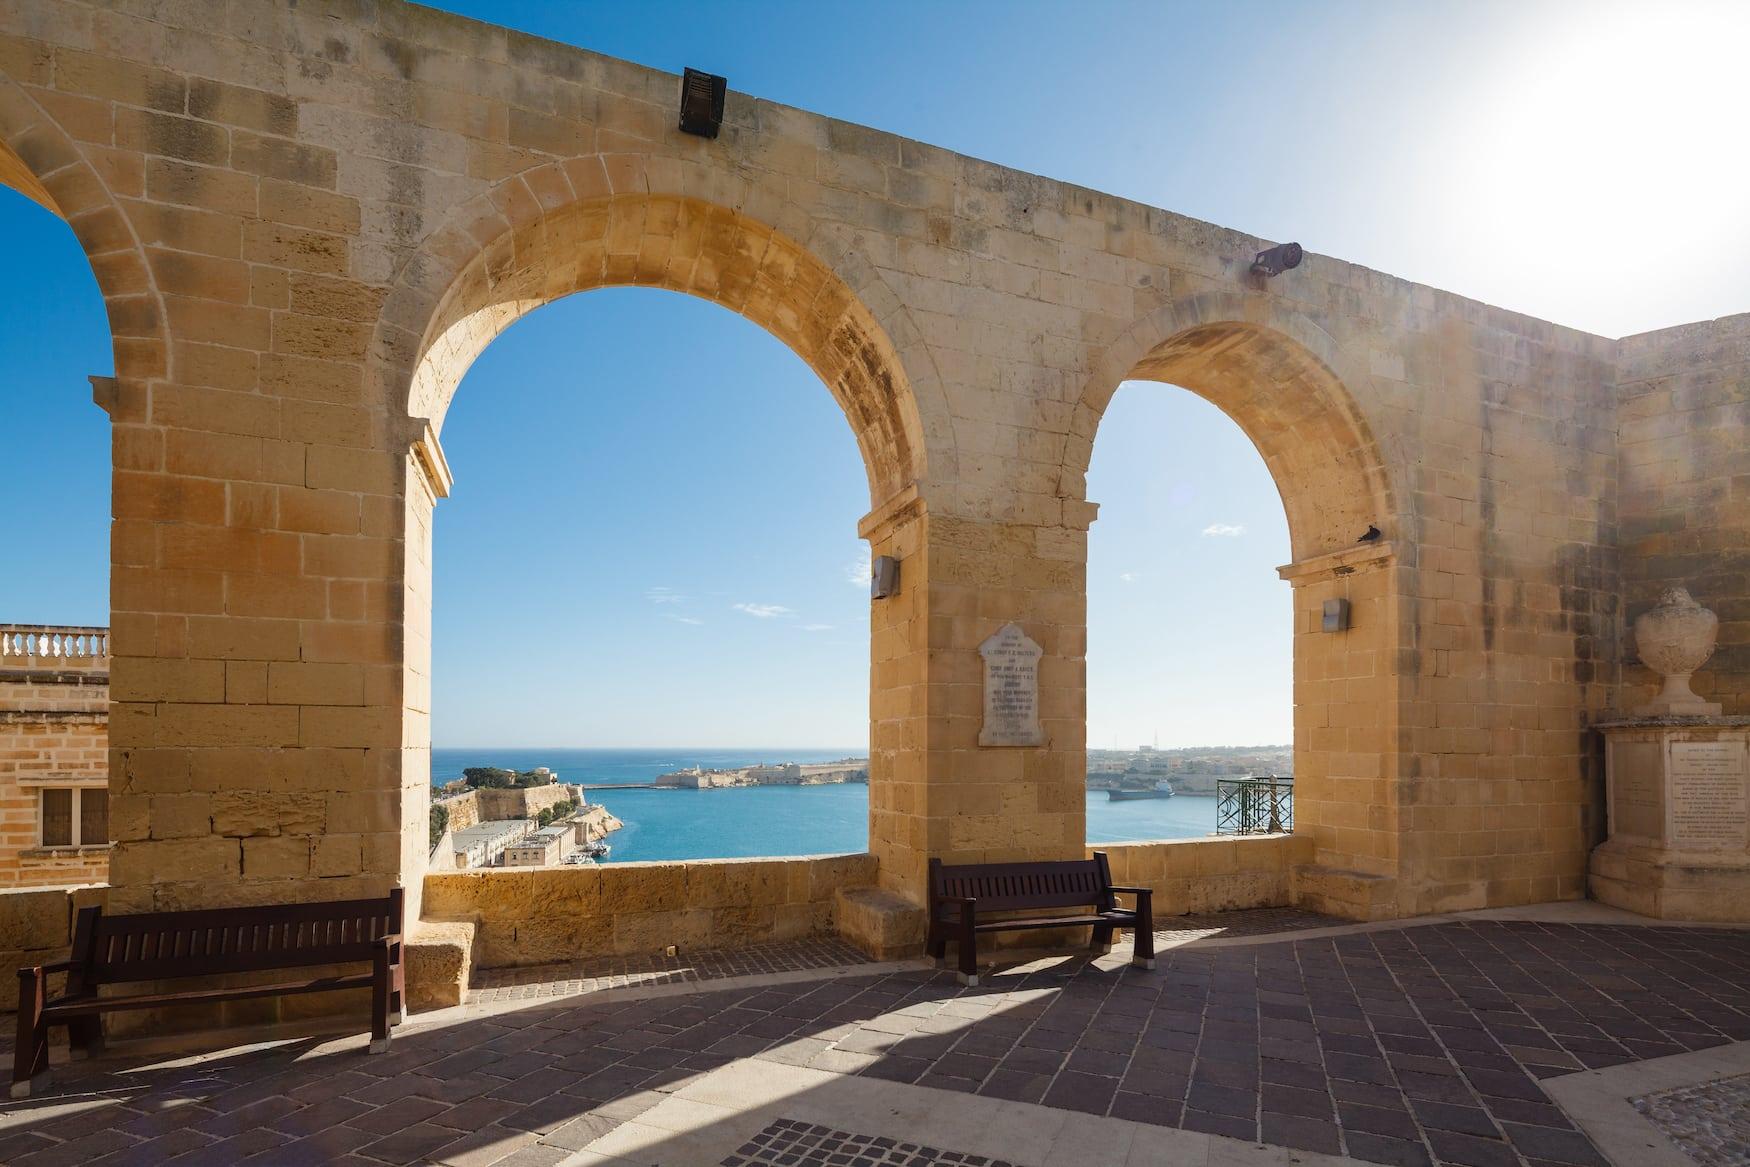 Barracca-Gärten in Malta mit Blick auf den Hafen von Valletta